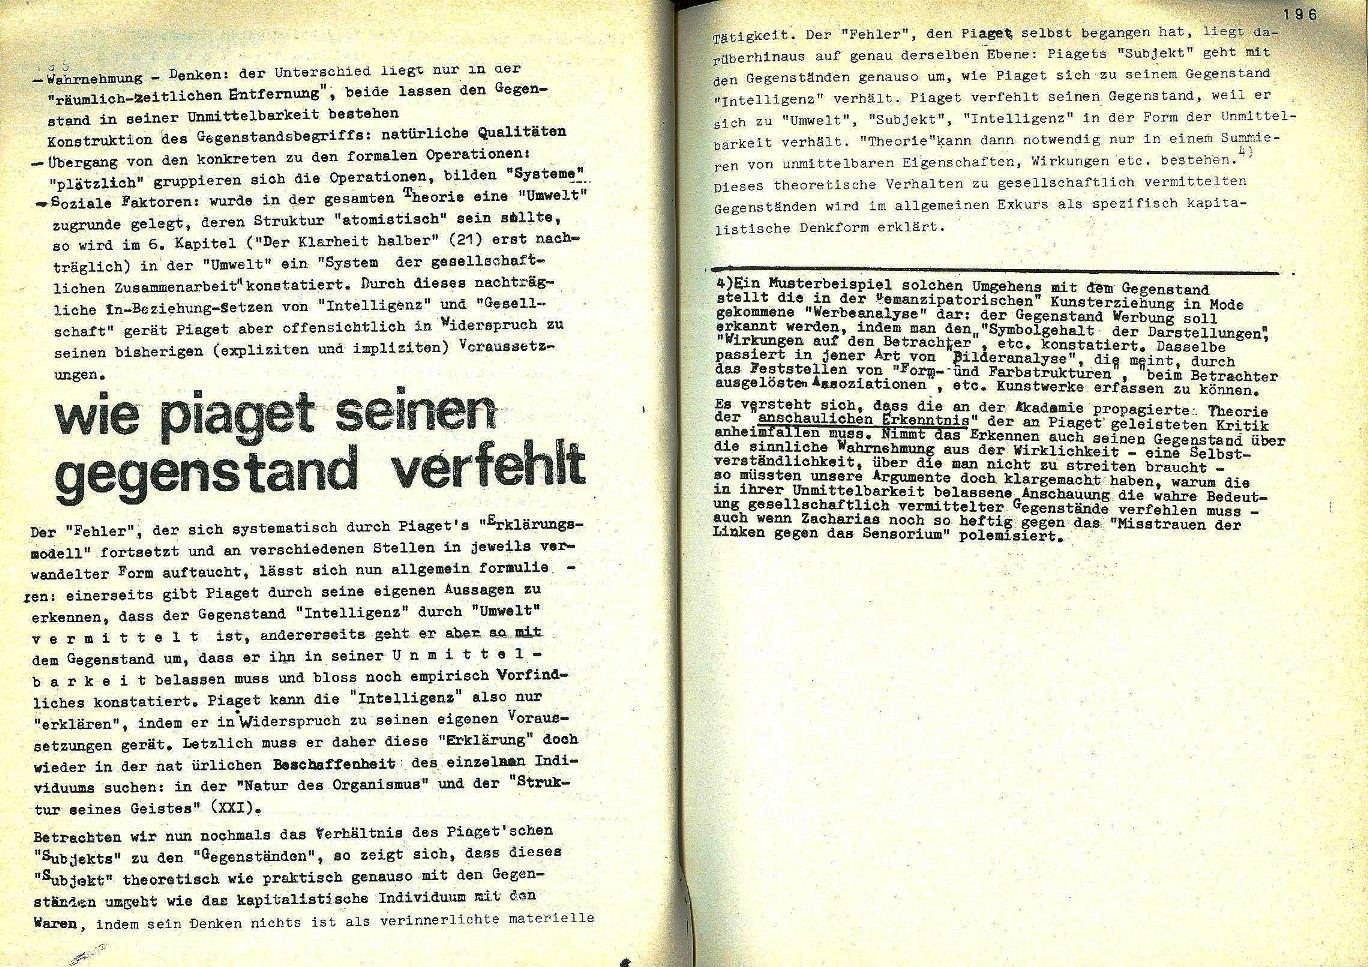 Muenchen_AK_Sozialistisches_Studium102